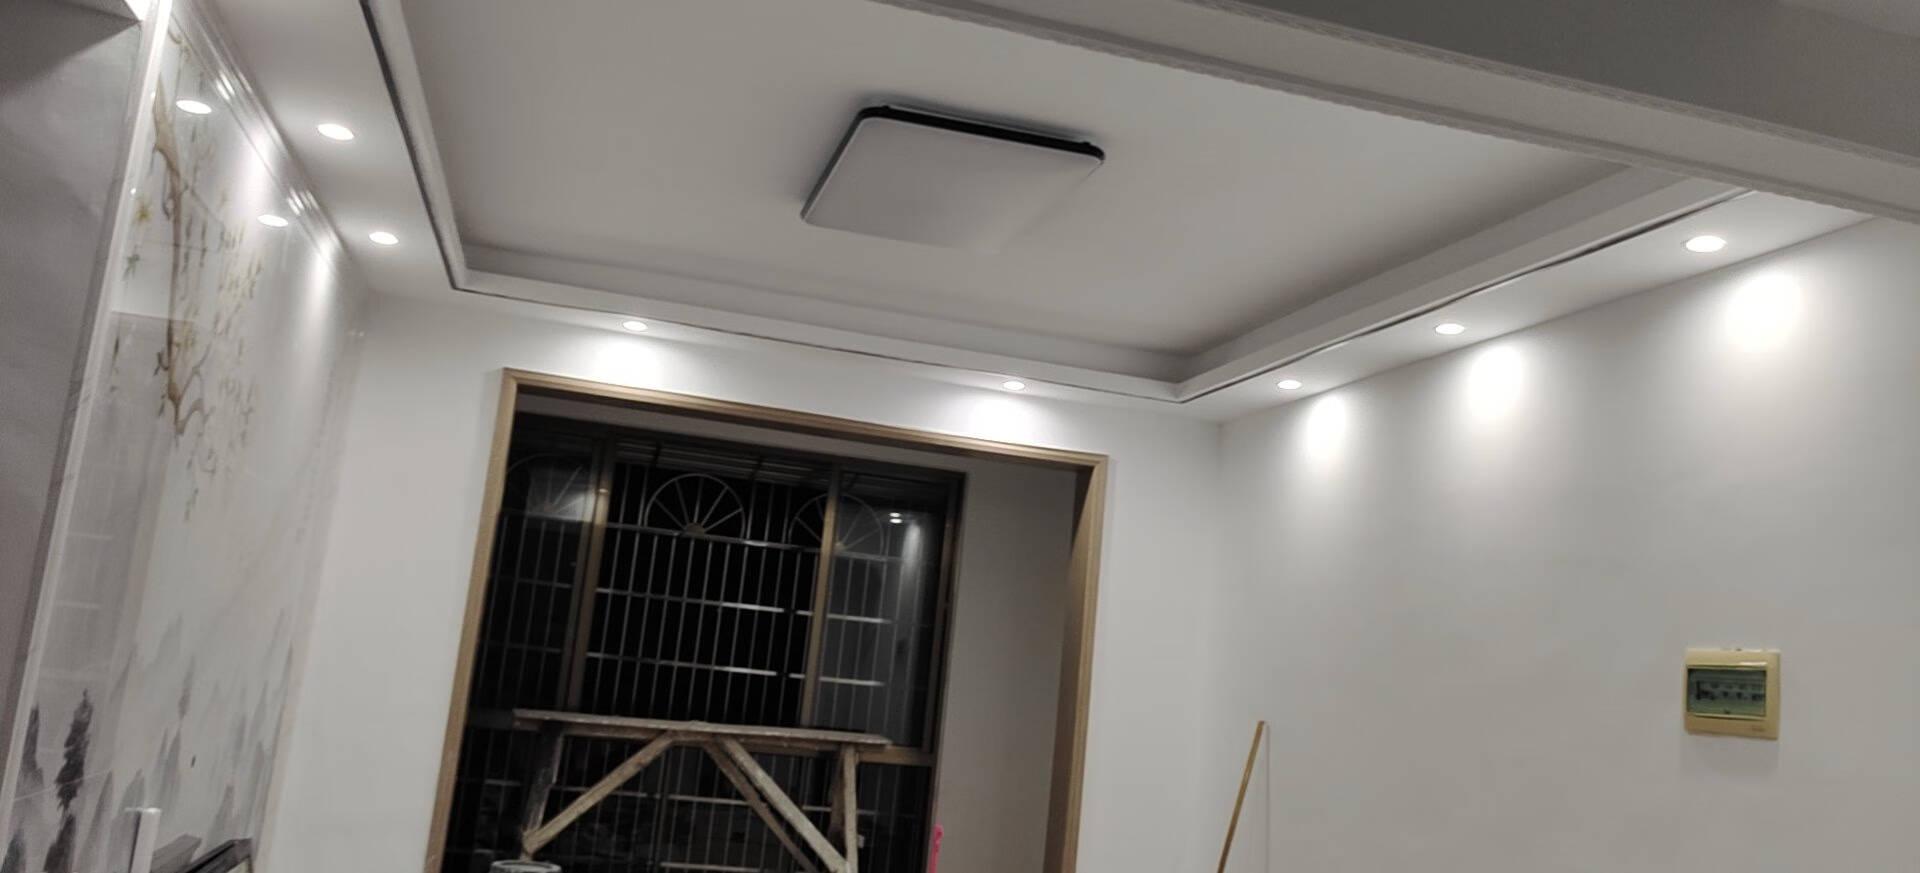 佛山照明(FSL)LED筒灯射灯铝材三色客厅吊灯天花灯防雾灯过道嵌入式孔灯牛眼灯5W白玉银边开孔75-85mm